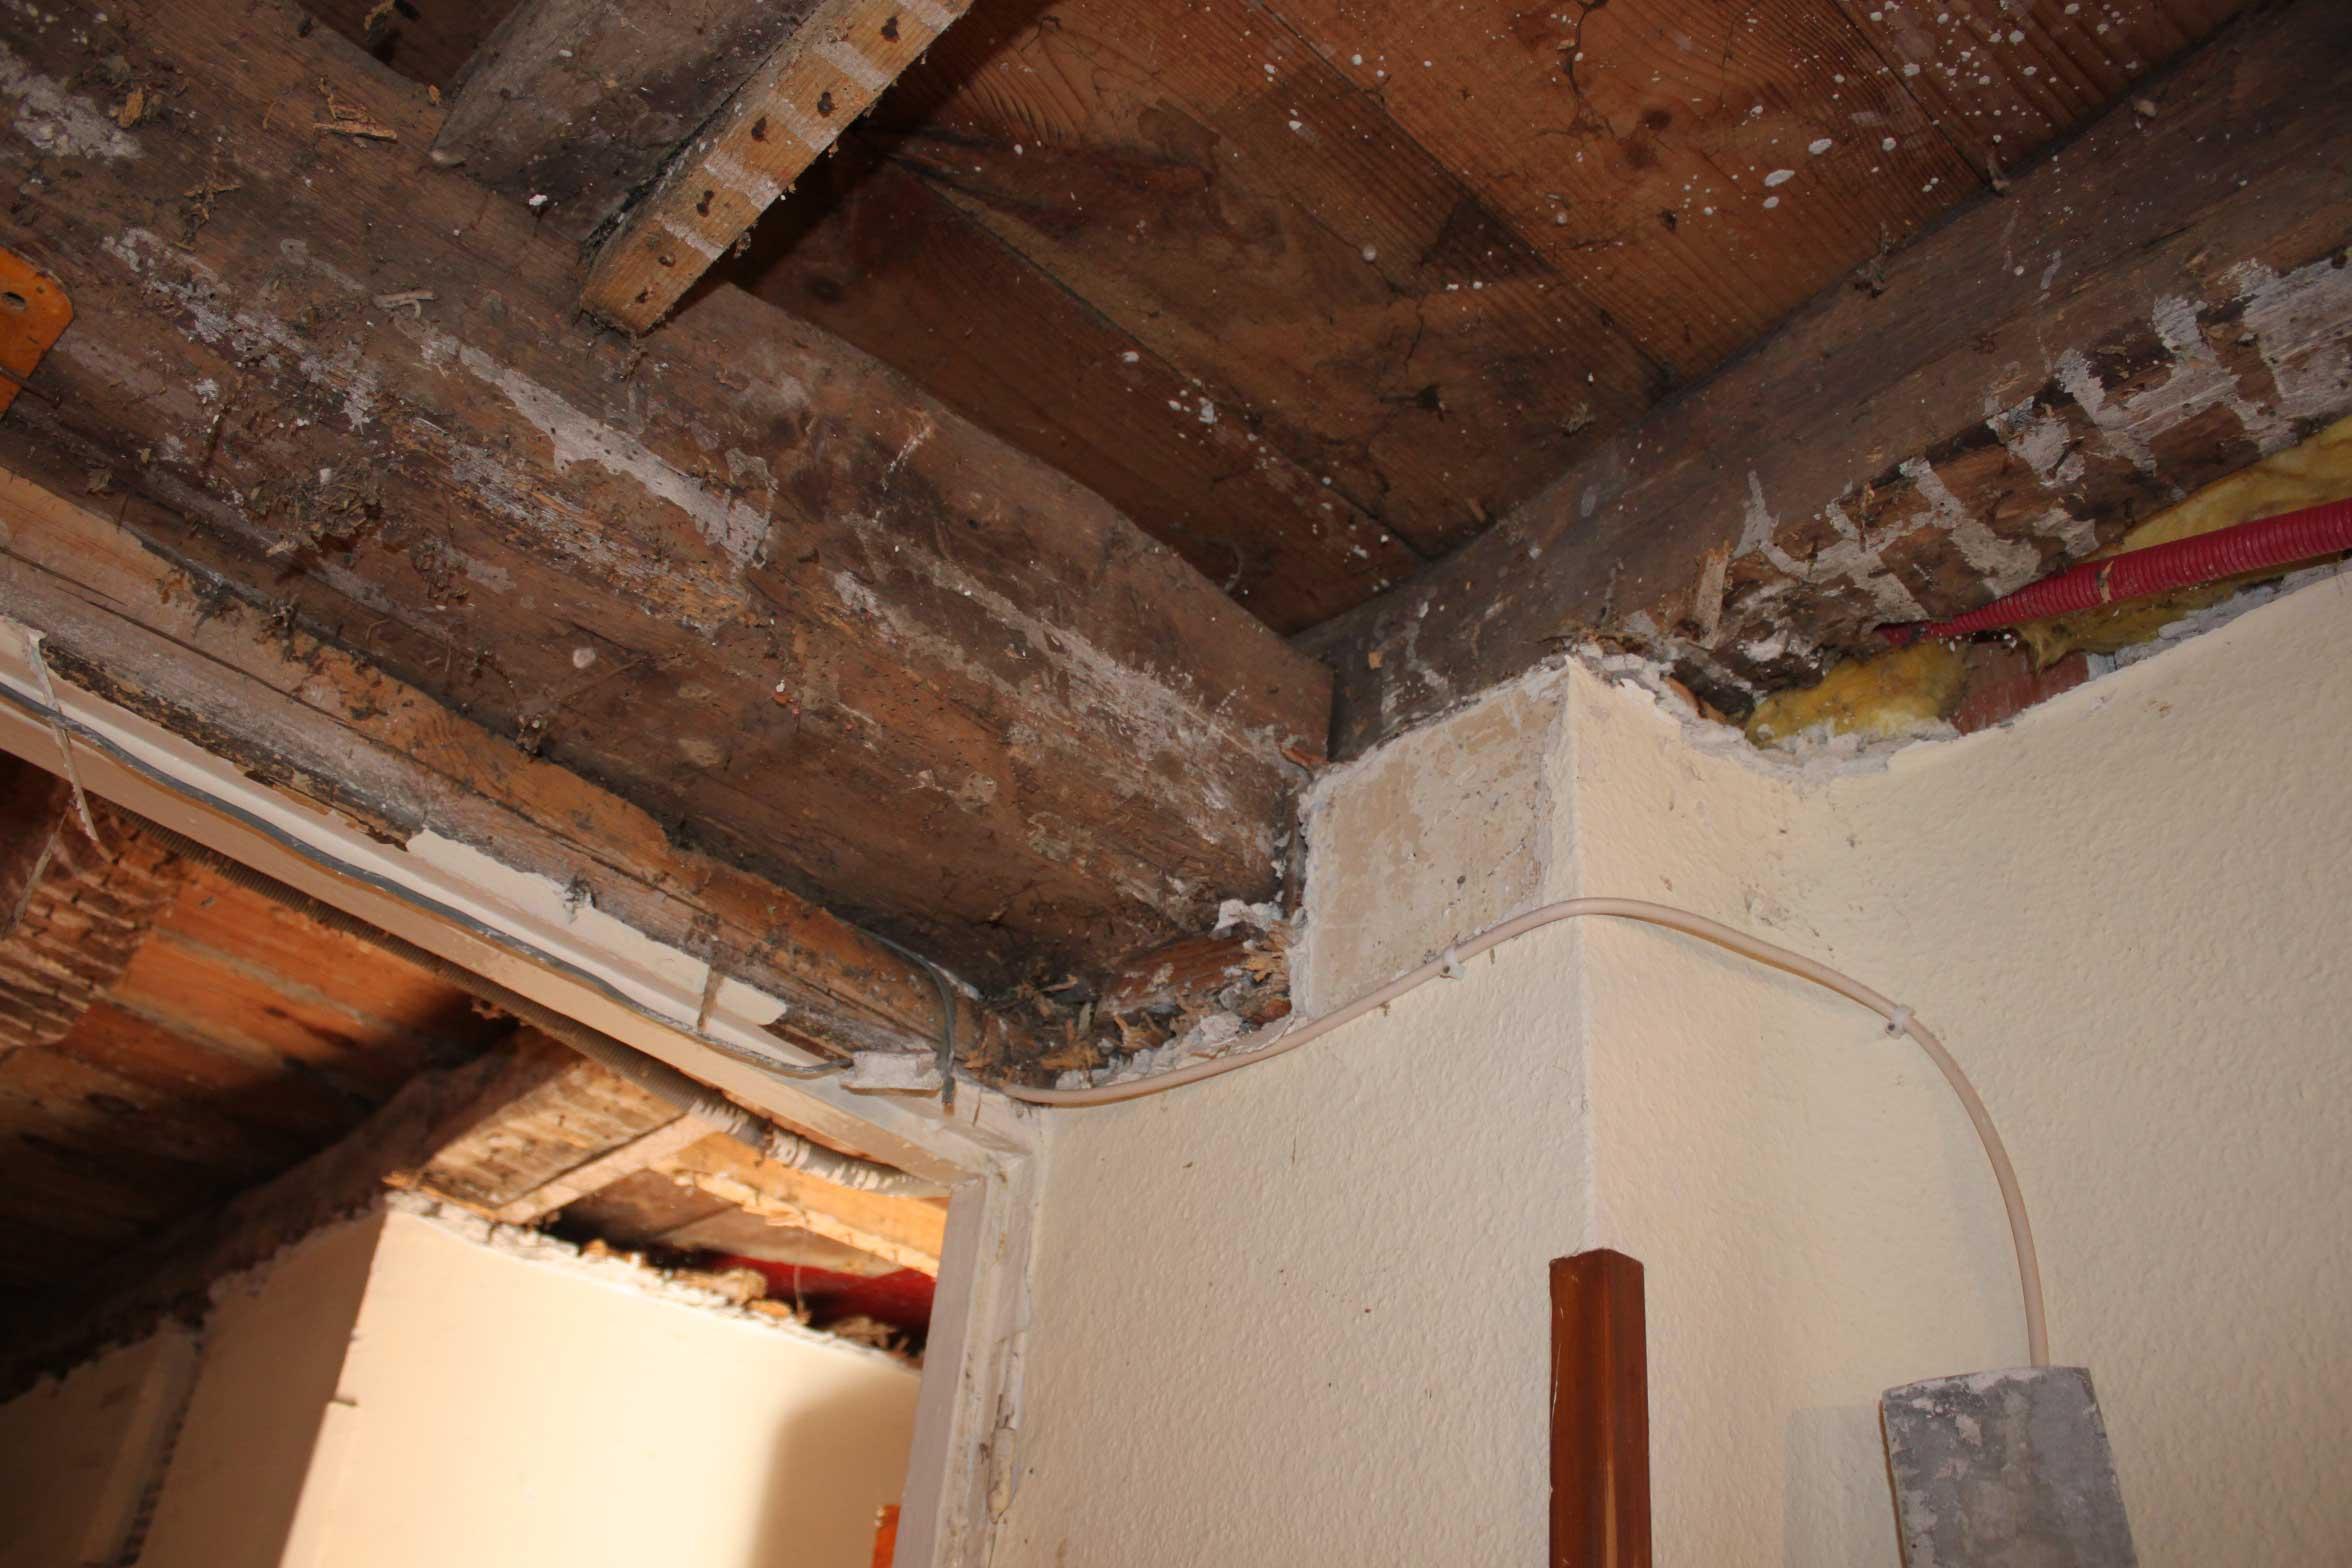 Trabajos Rvive - Informe de estructura de madera en Irun